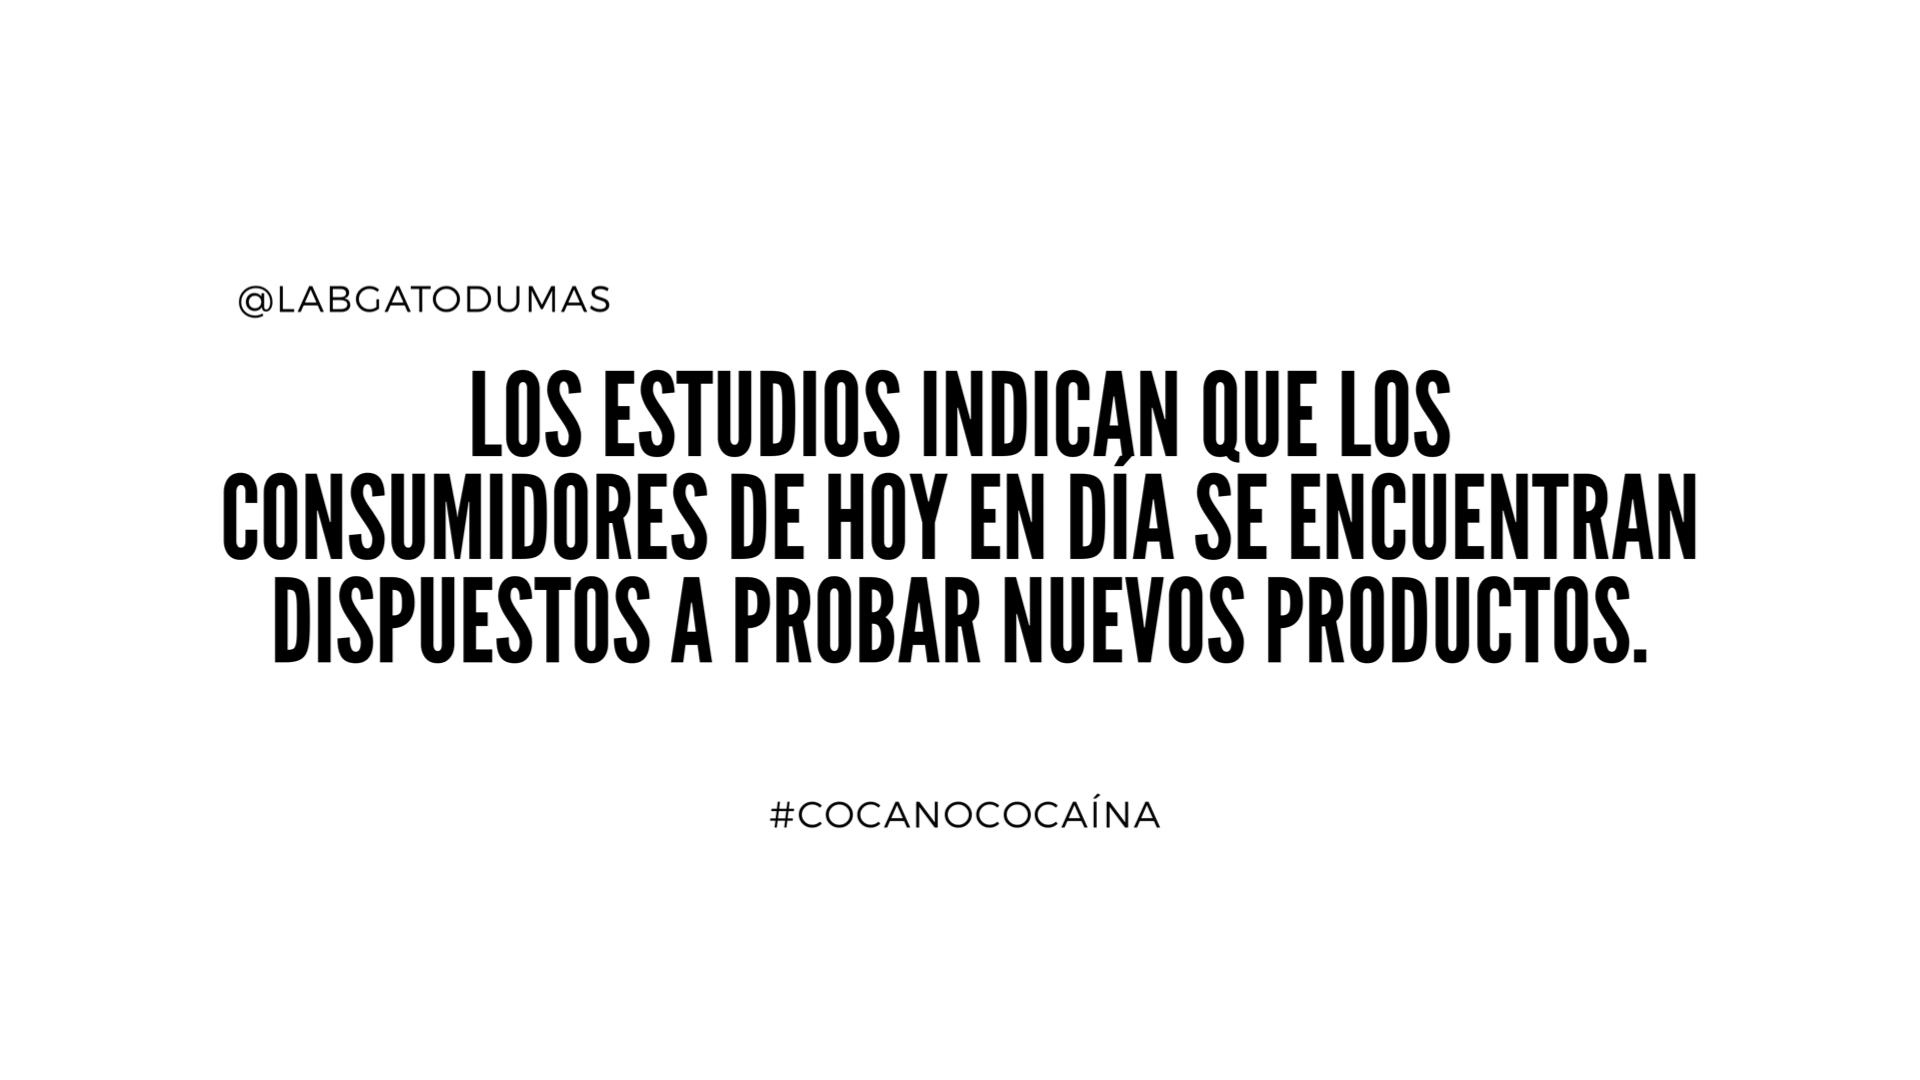 @LabGatoDumas